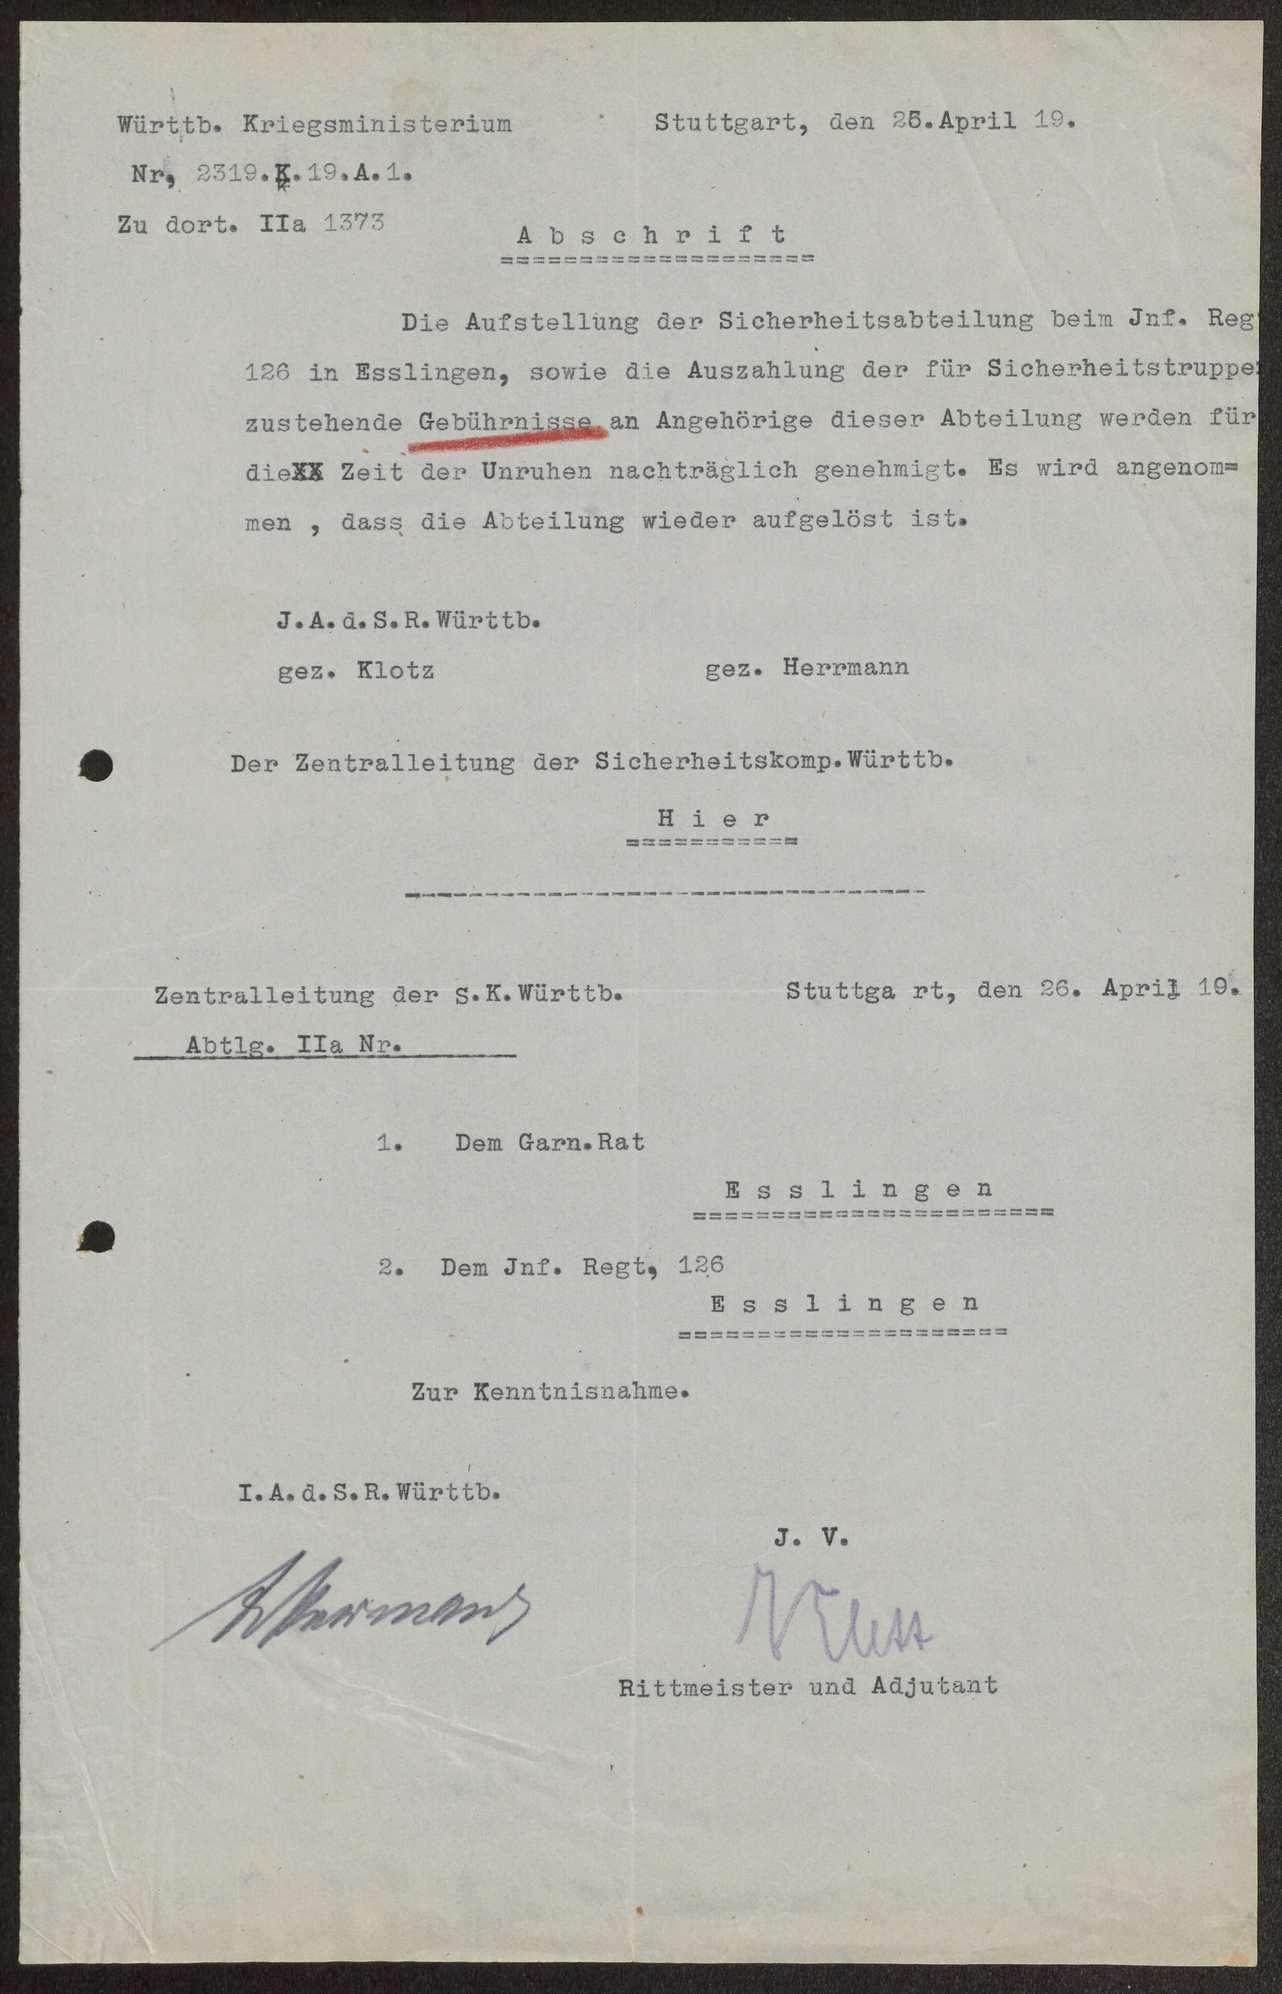 Nachträgliche Gewährung der Gebührnisse an die Sicherheitsabteilung beim Infanterie-Regiment Nr. 12 6 und die Sicherheitskompanie Nr. 5 während des Generalstreiks, Bild 2